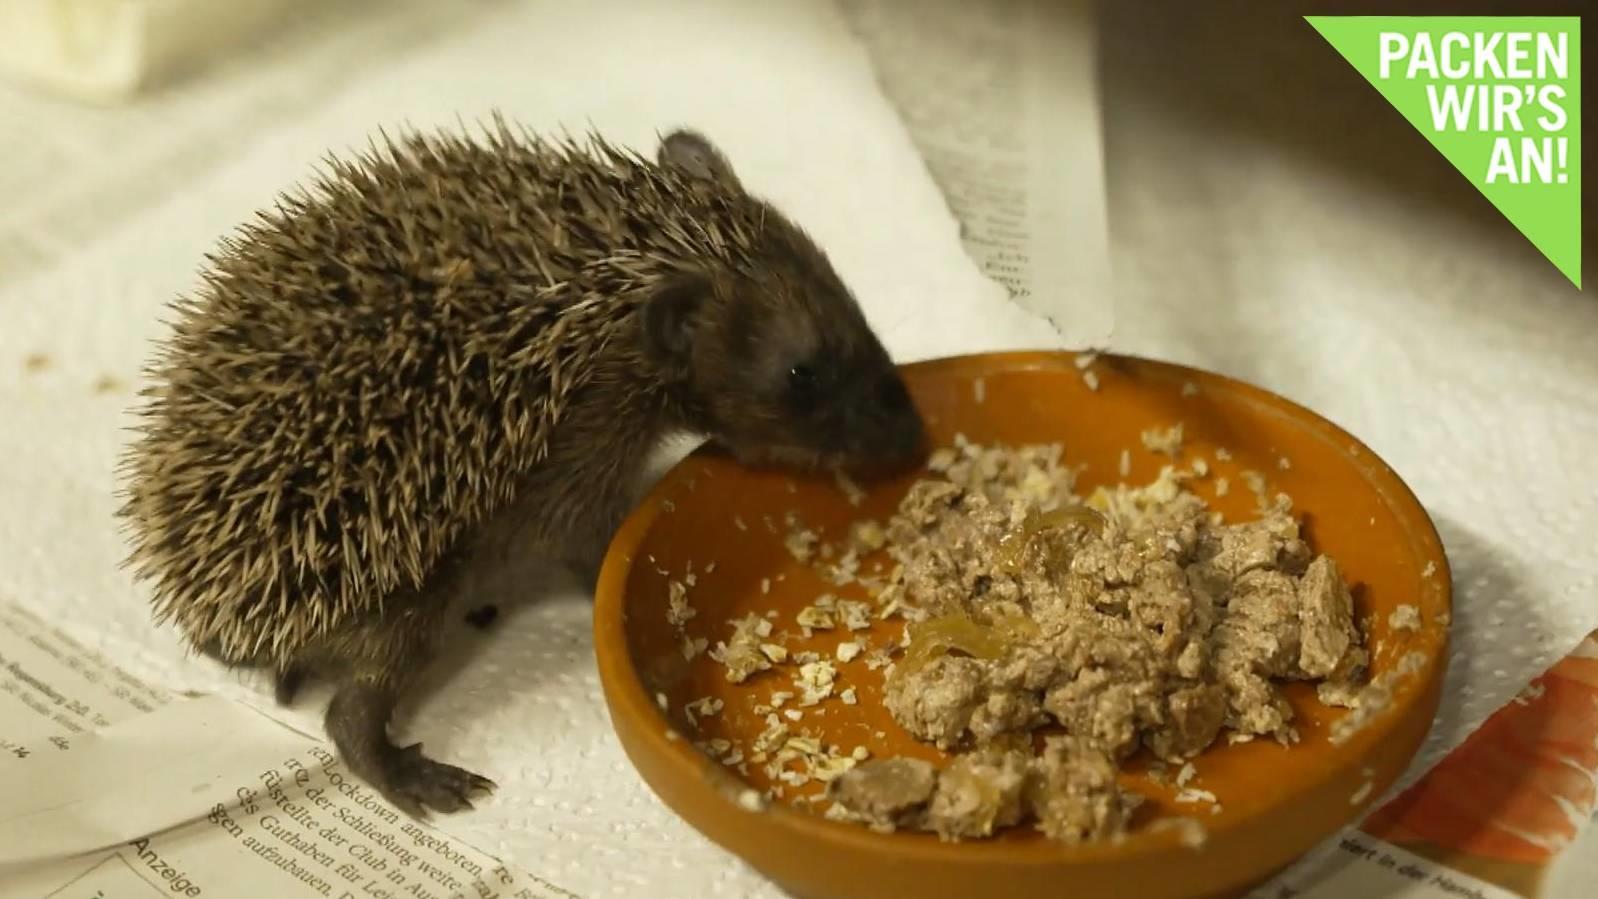 heimische-tiere-sterben-aus-was-jeder-tun-kann-um-zu-helfen